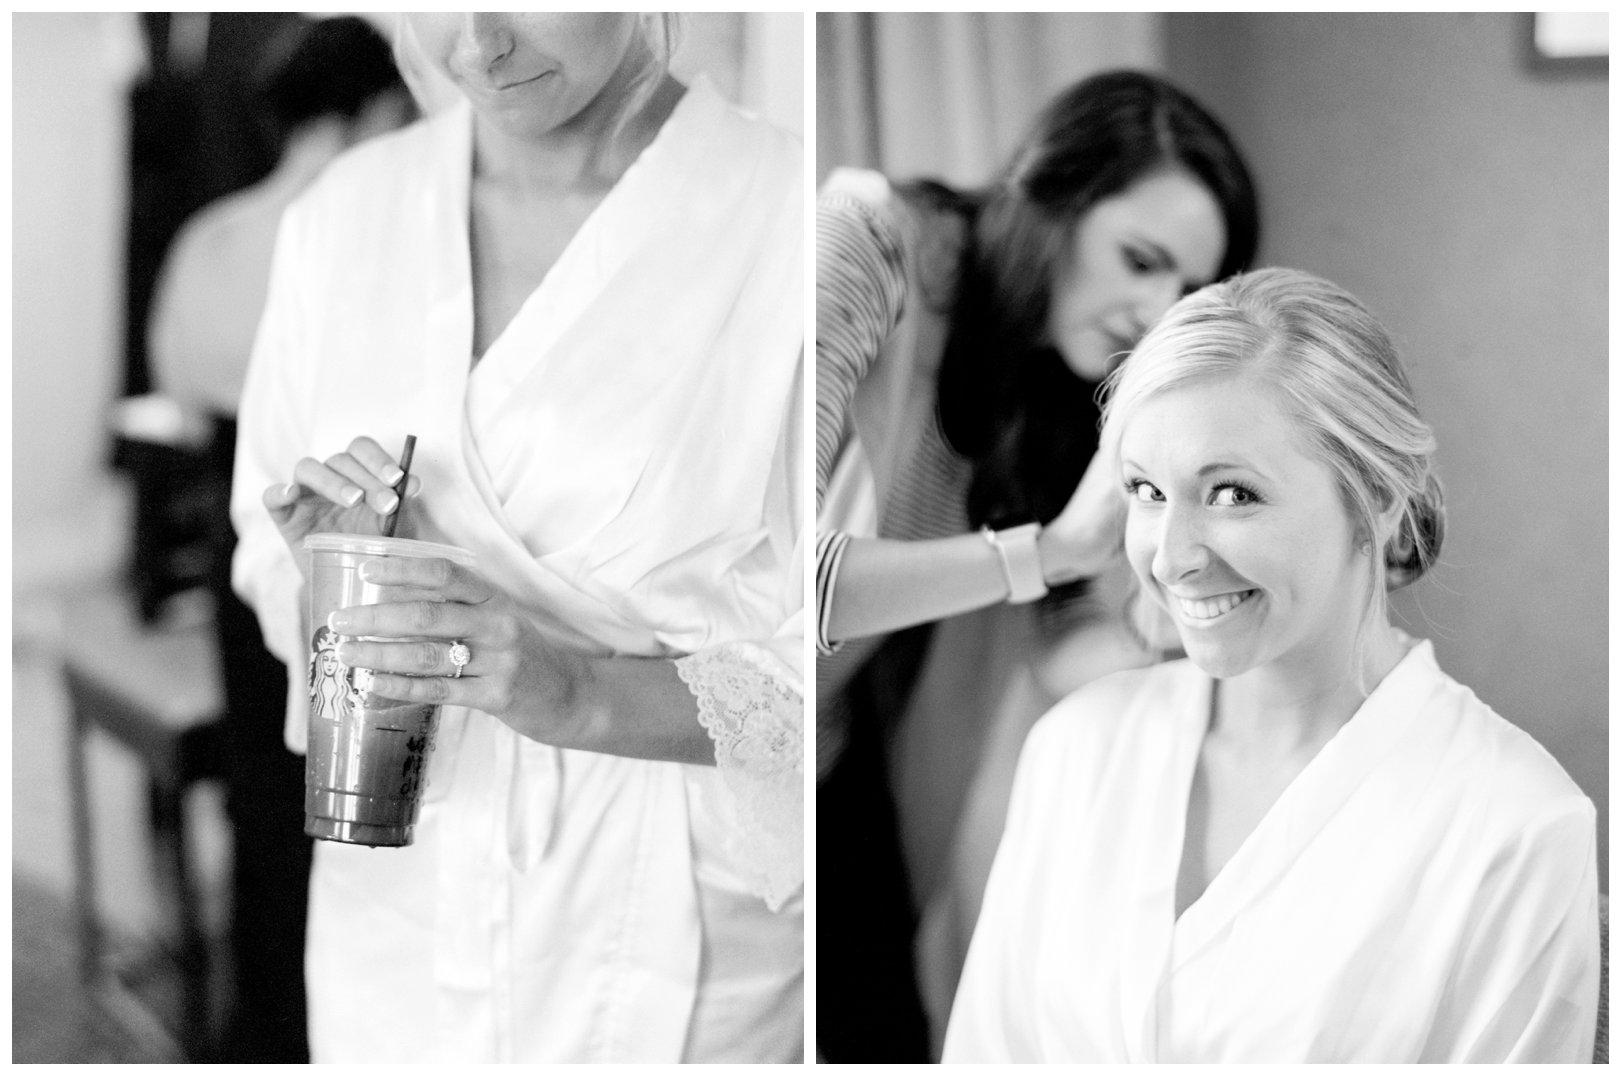 lauren muckler photography_fine art film wedding photography_st louis_photography_2122.jpg